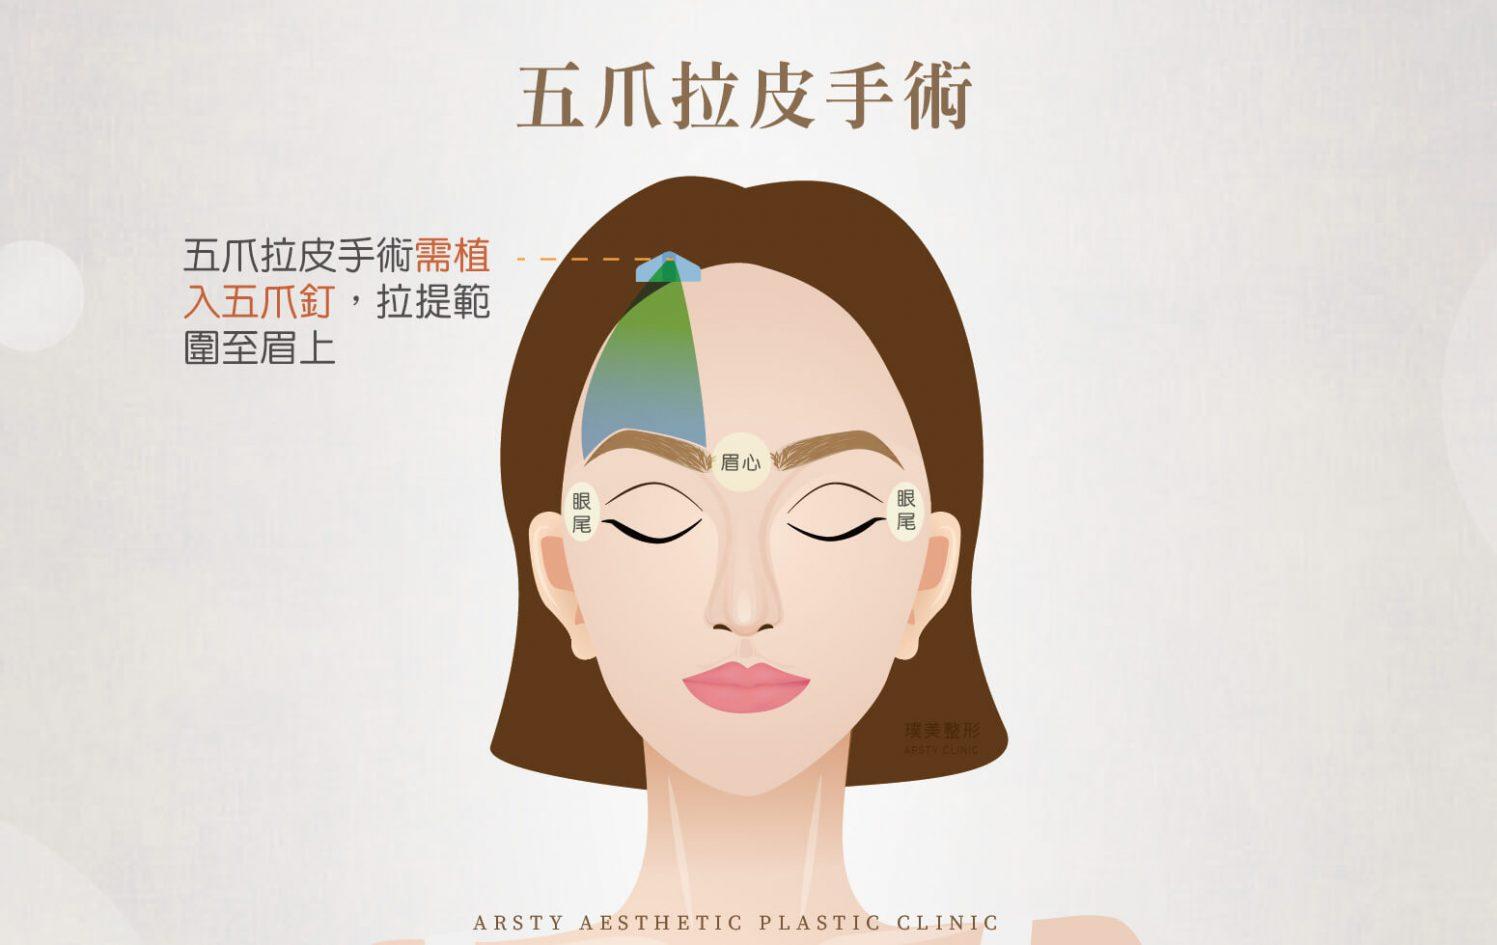 傳統拉皮手術 內視鏡提眉 效果比較 五爪拉皮手術